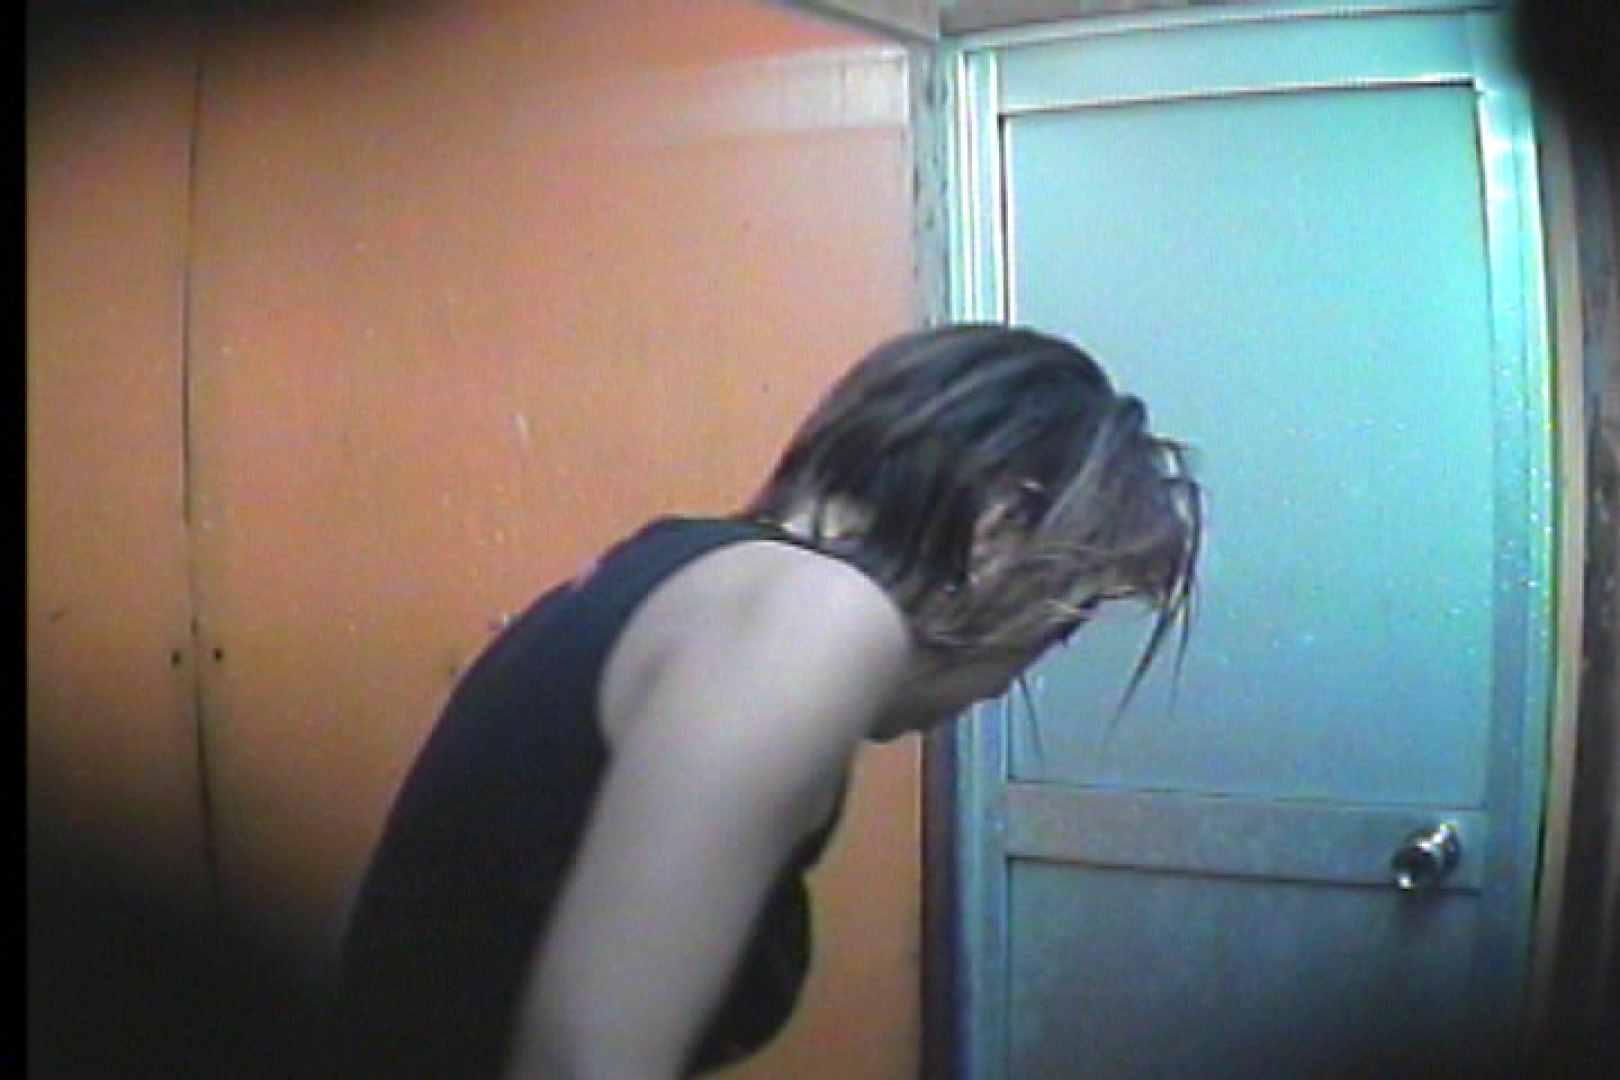 海の家の更衣室 Vol.46 美女 盗み撮り動画キャプチャ 99pic 17